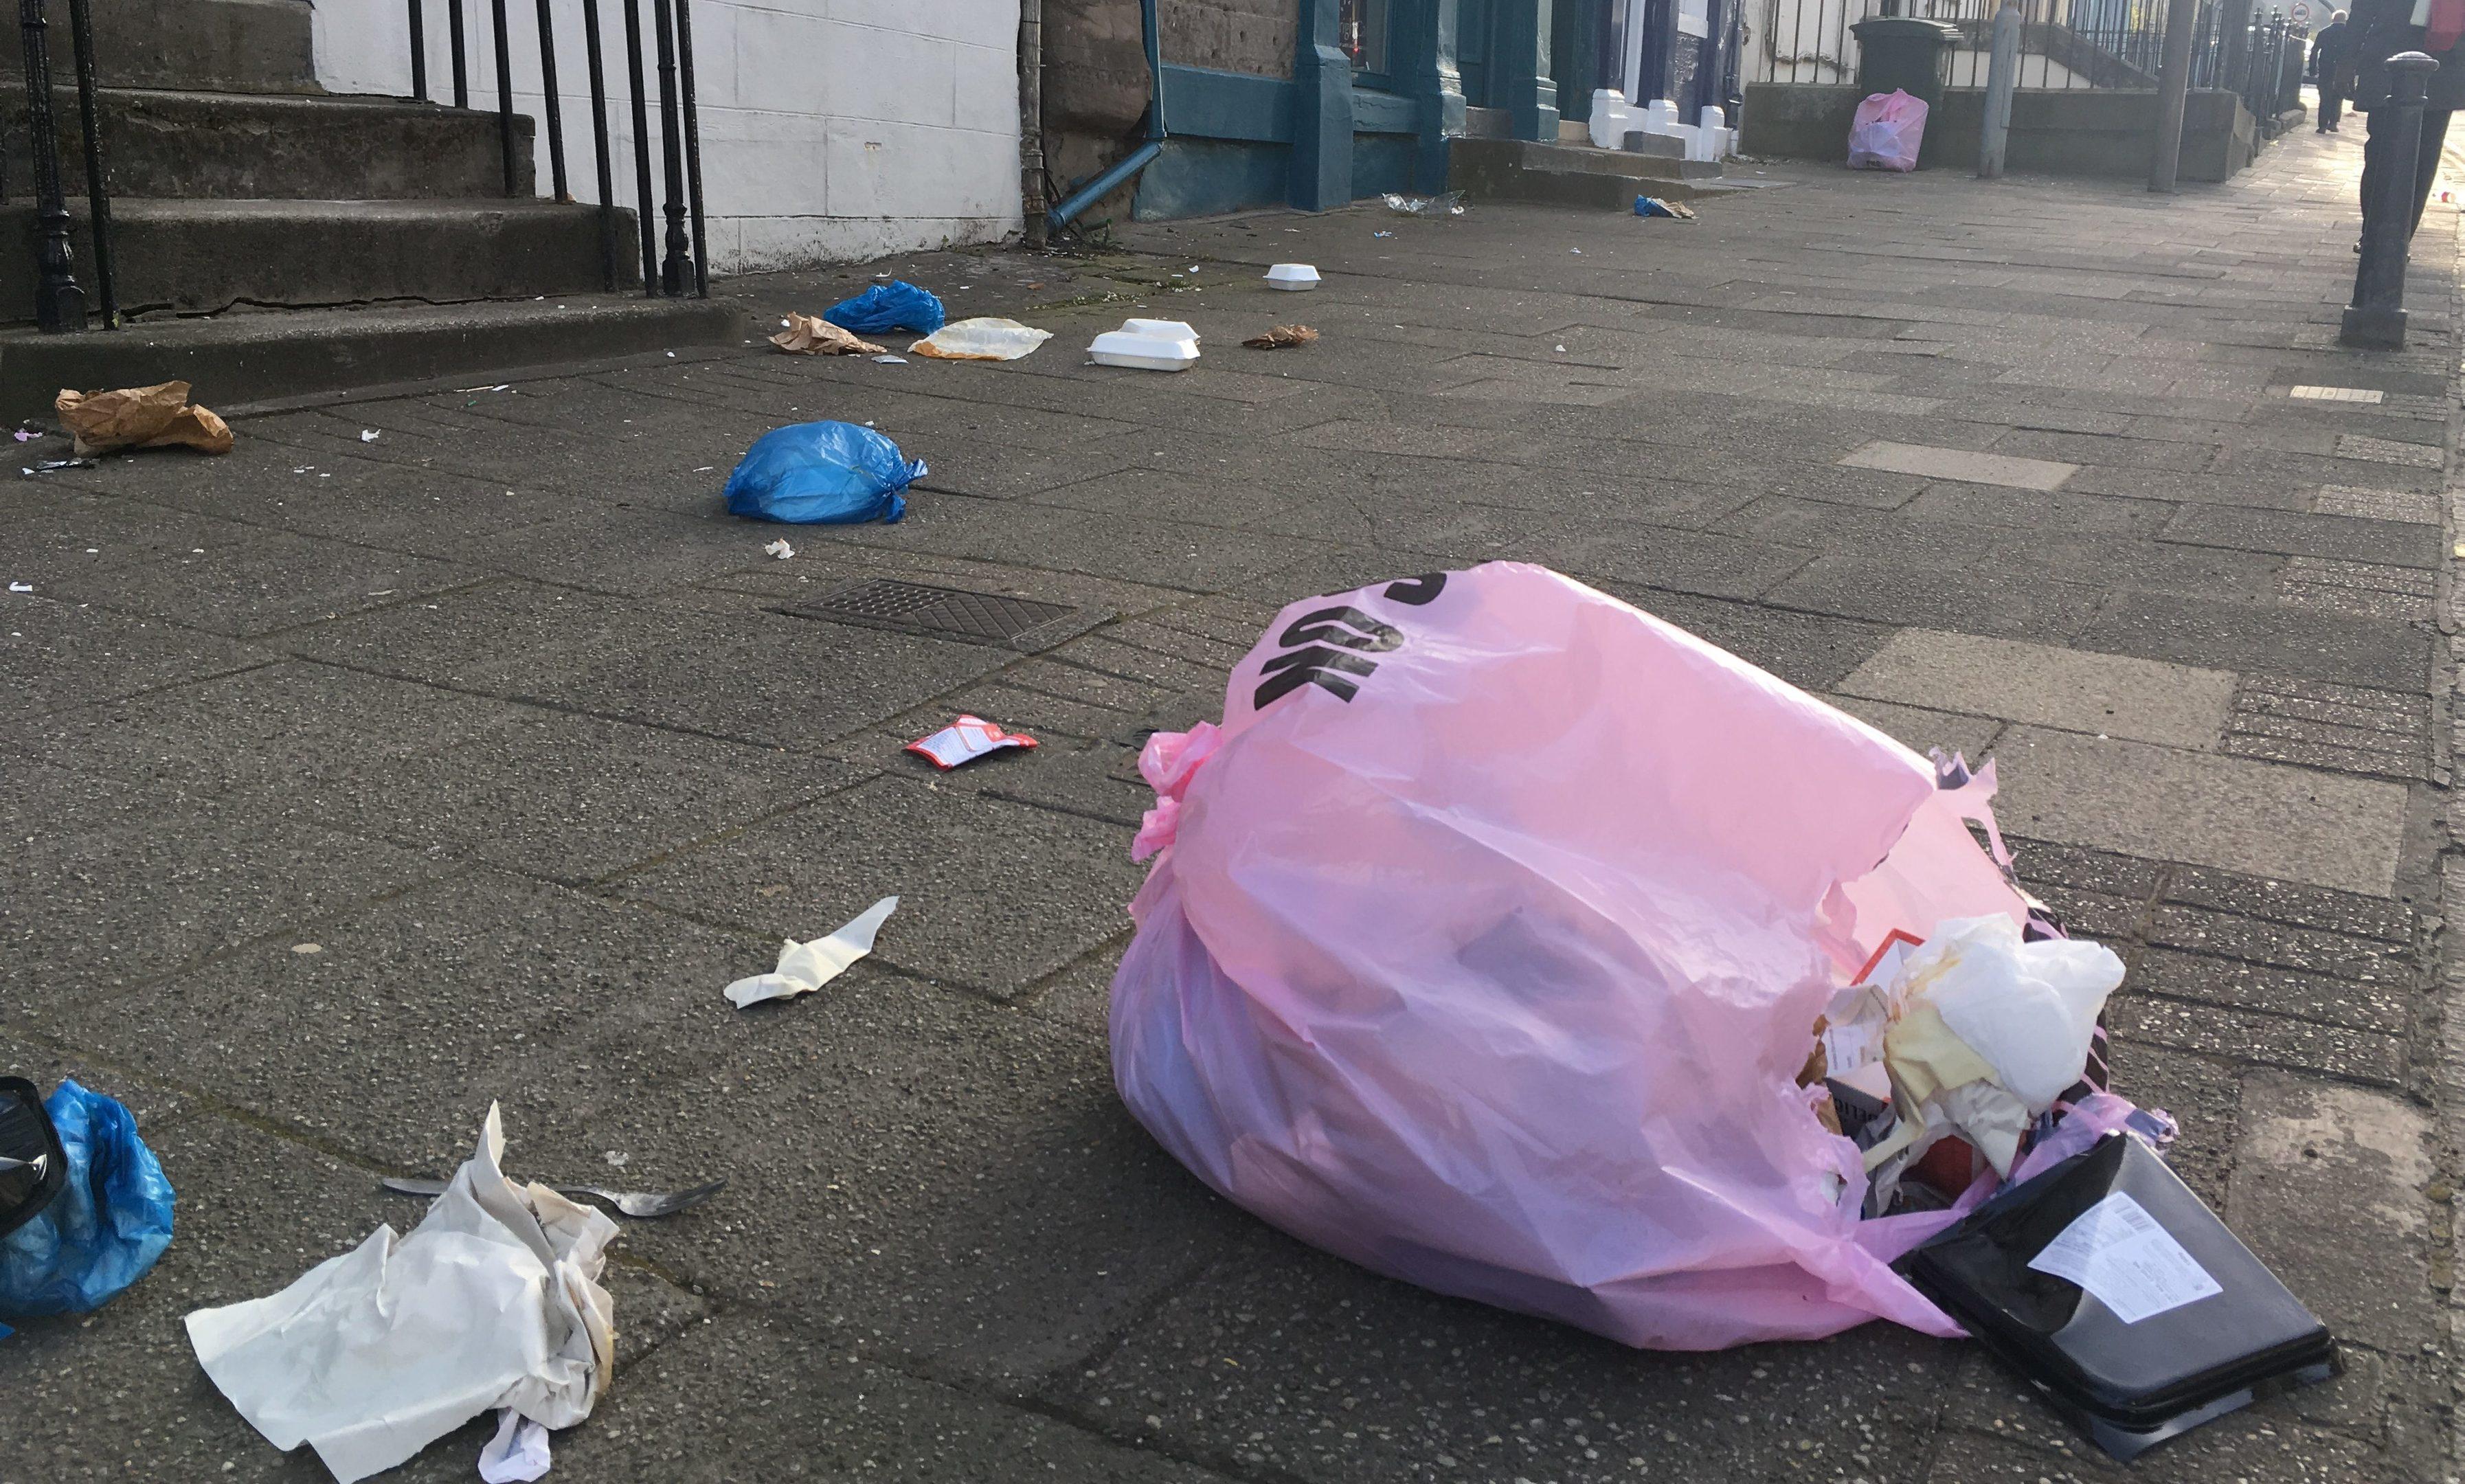 Rubbish strewn across Charlotte Street, Perth.